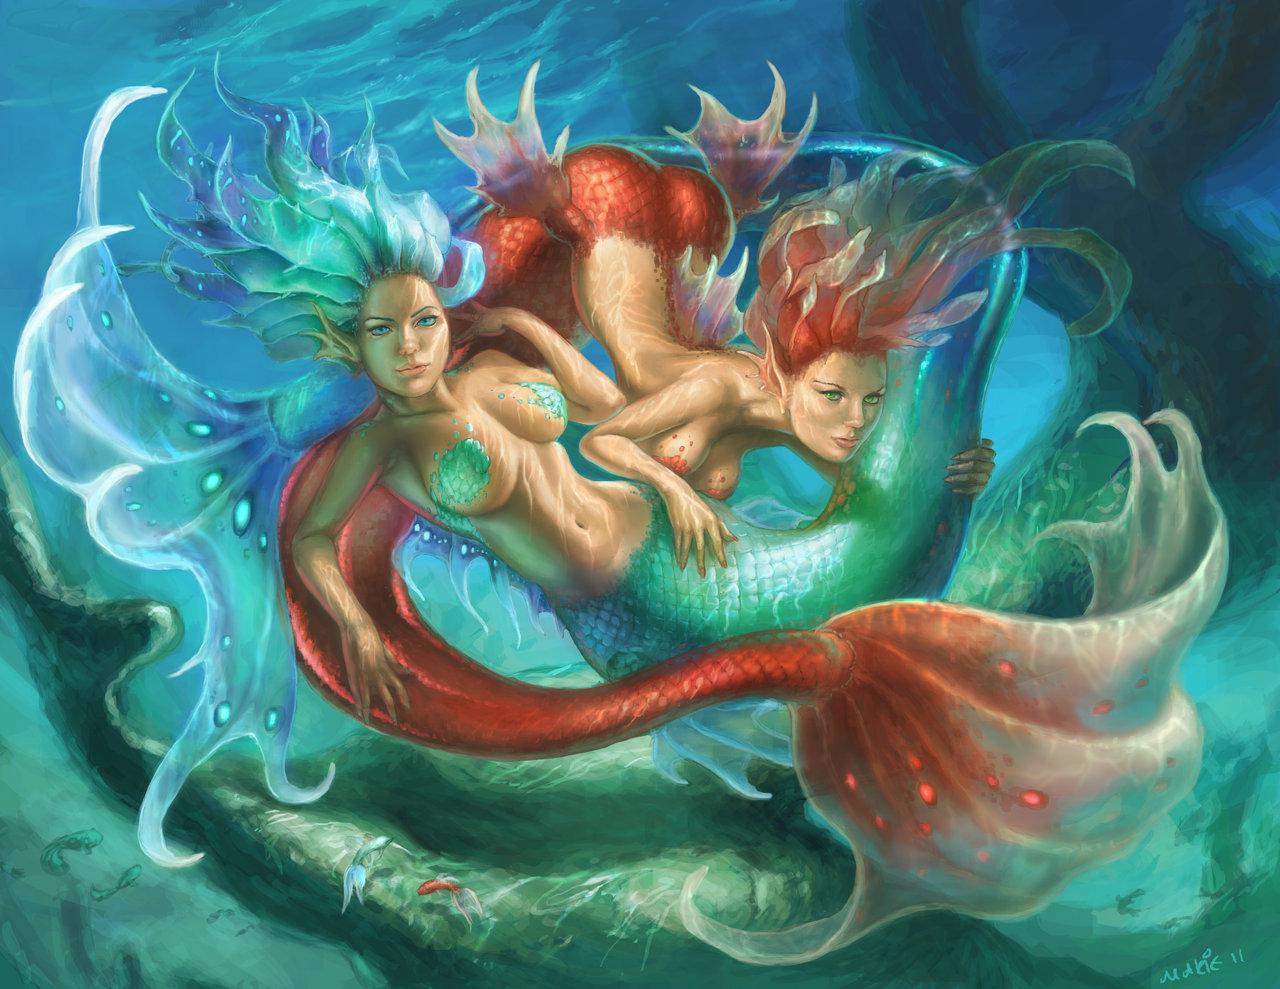 15 января года, вторник рыбы 20 февраля 20 марта сегодняшний день лучший фон для деловых поездок и переговоров.